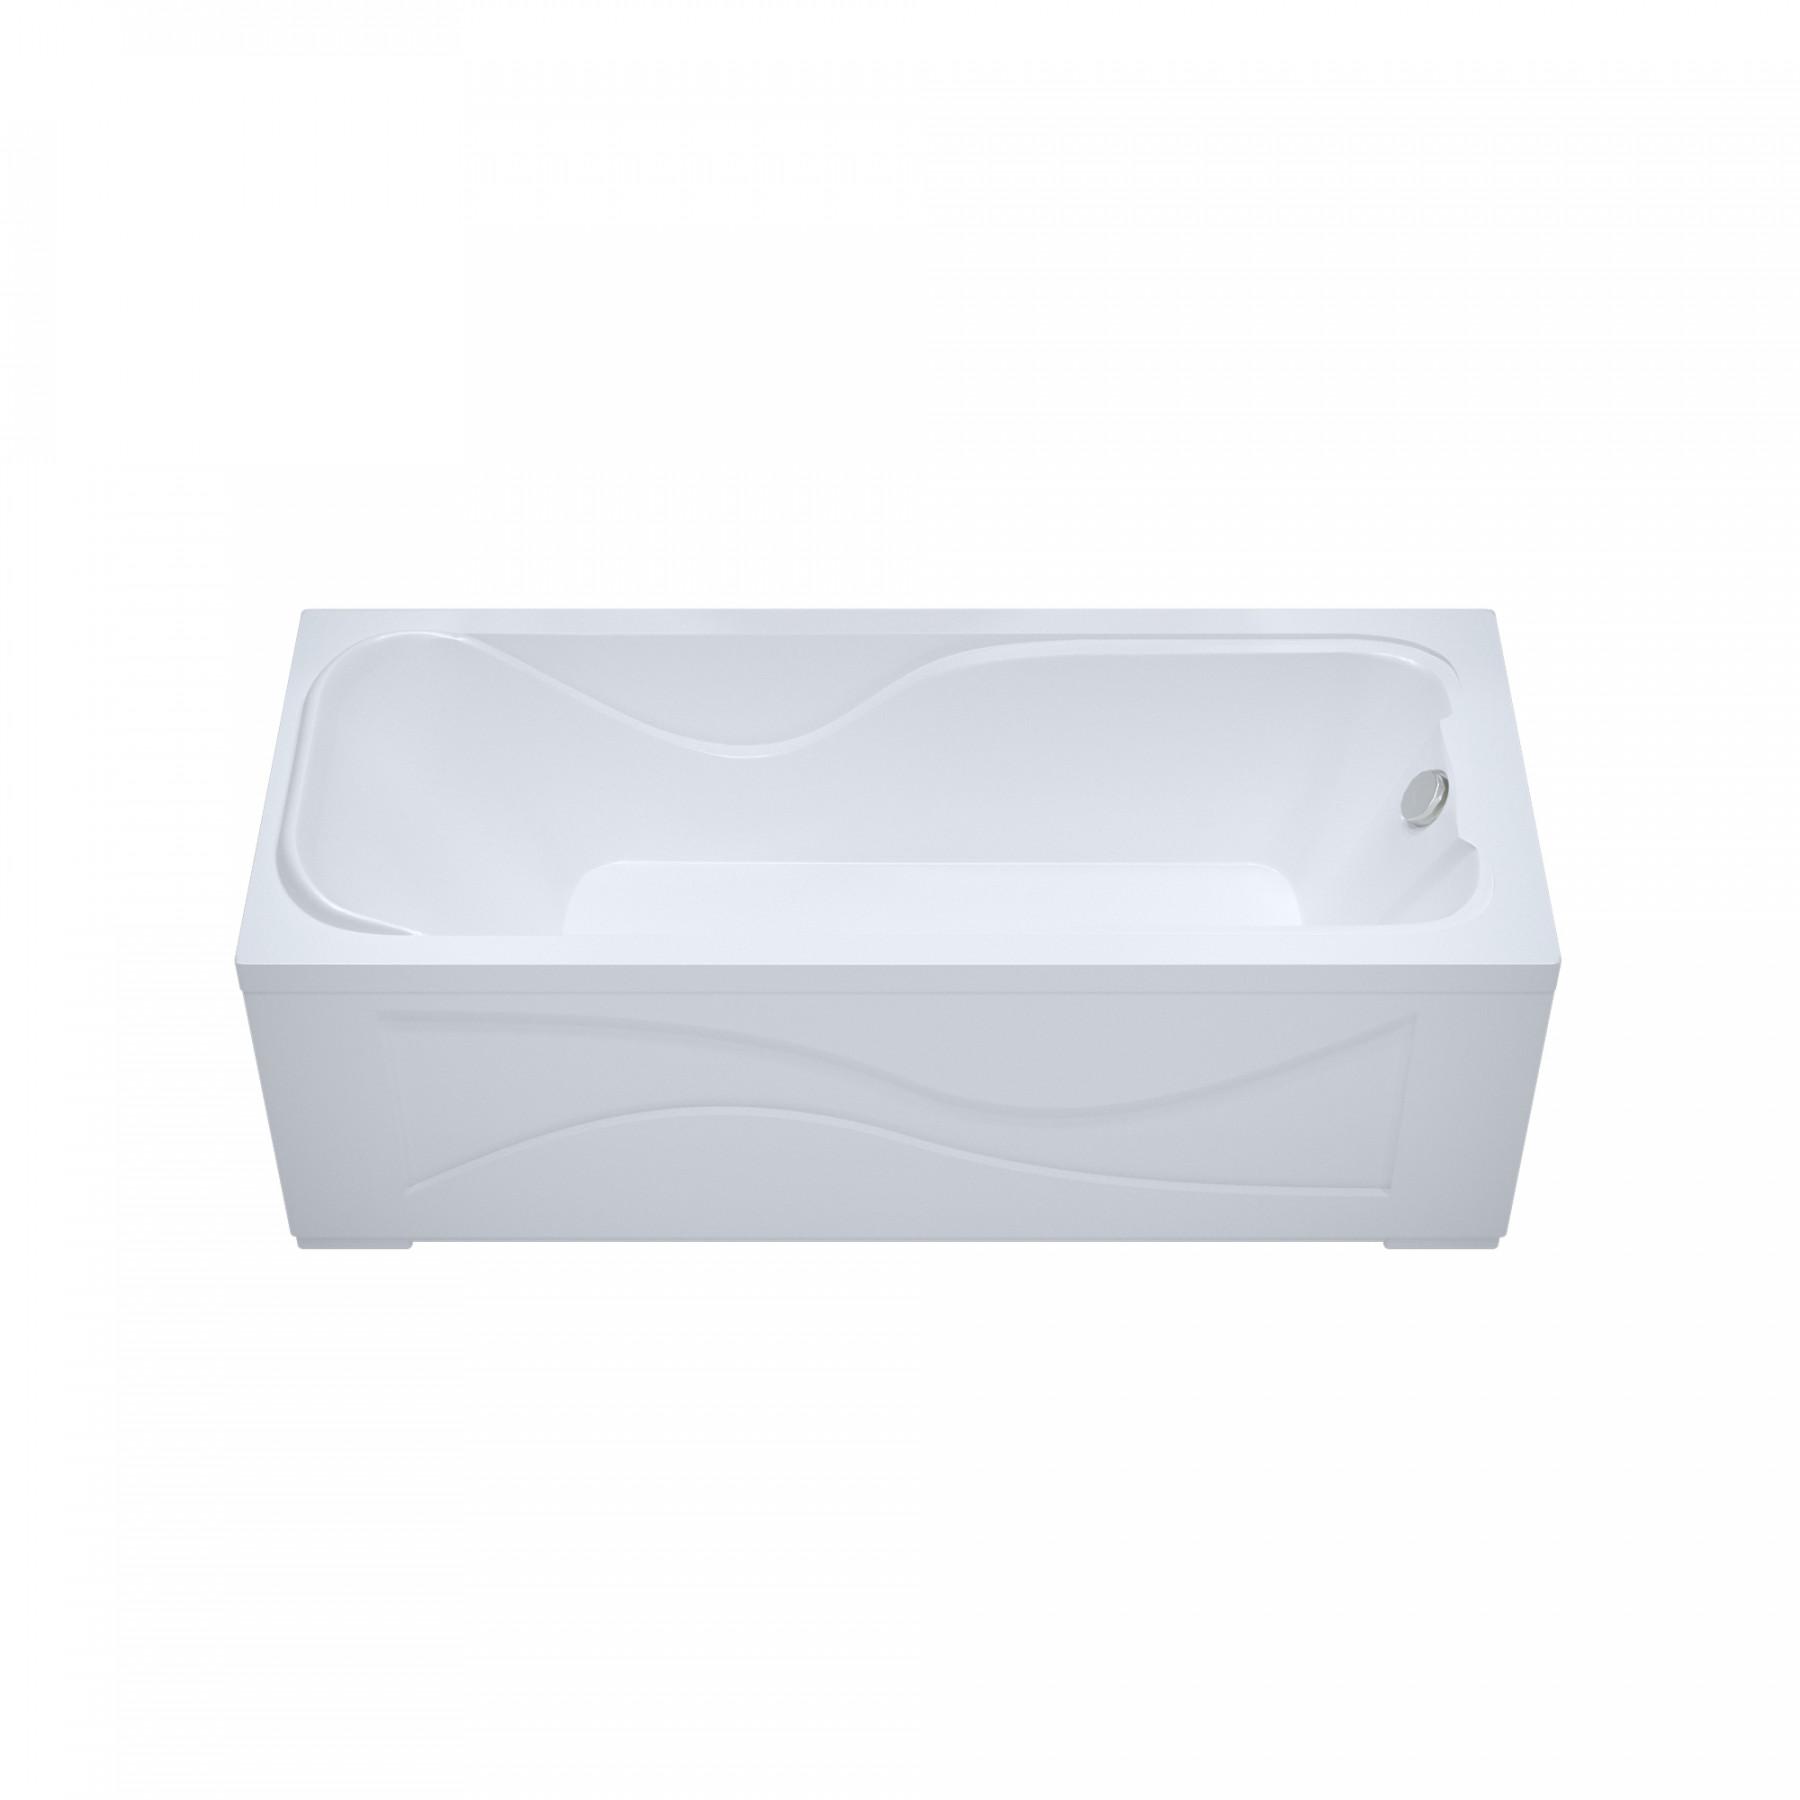 Акриловая ванна Triton Катрин 170x70